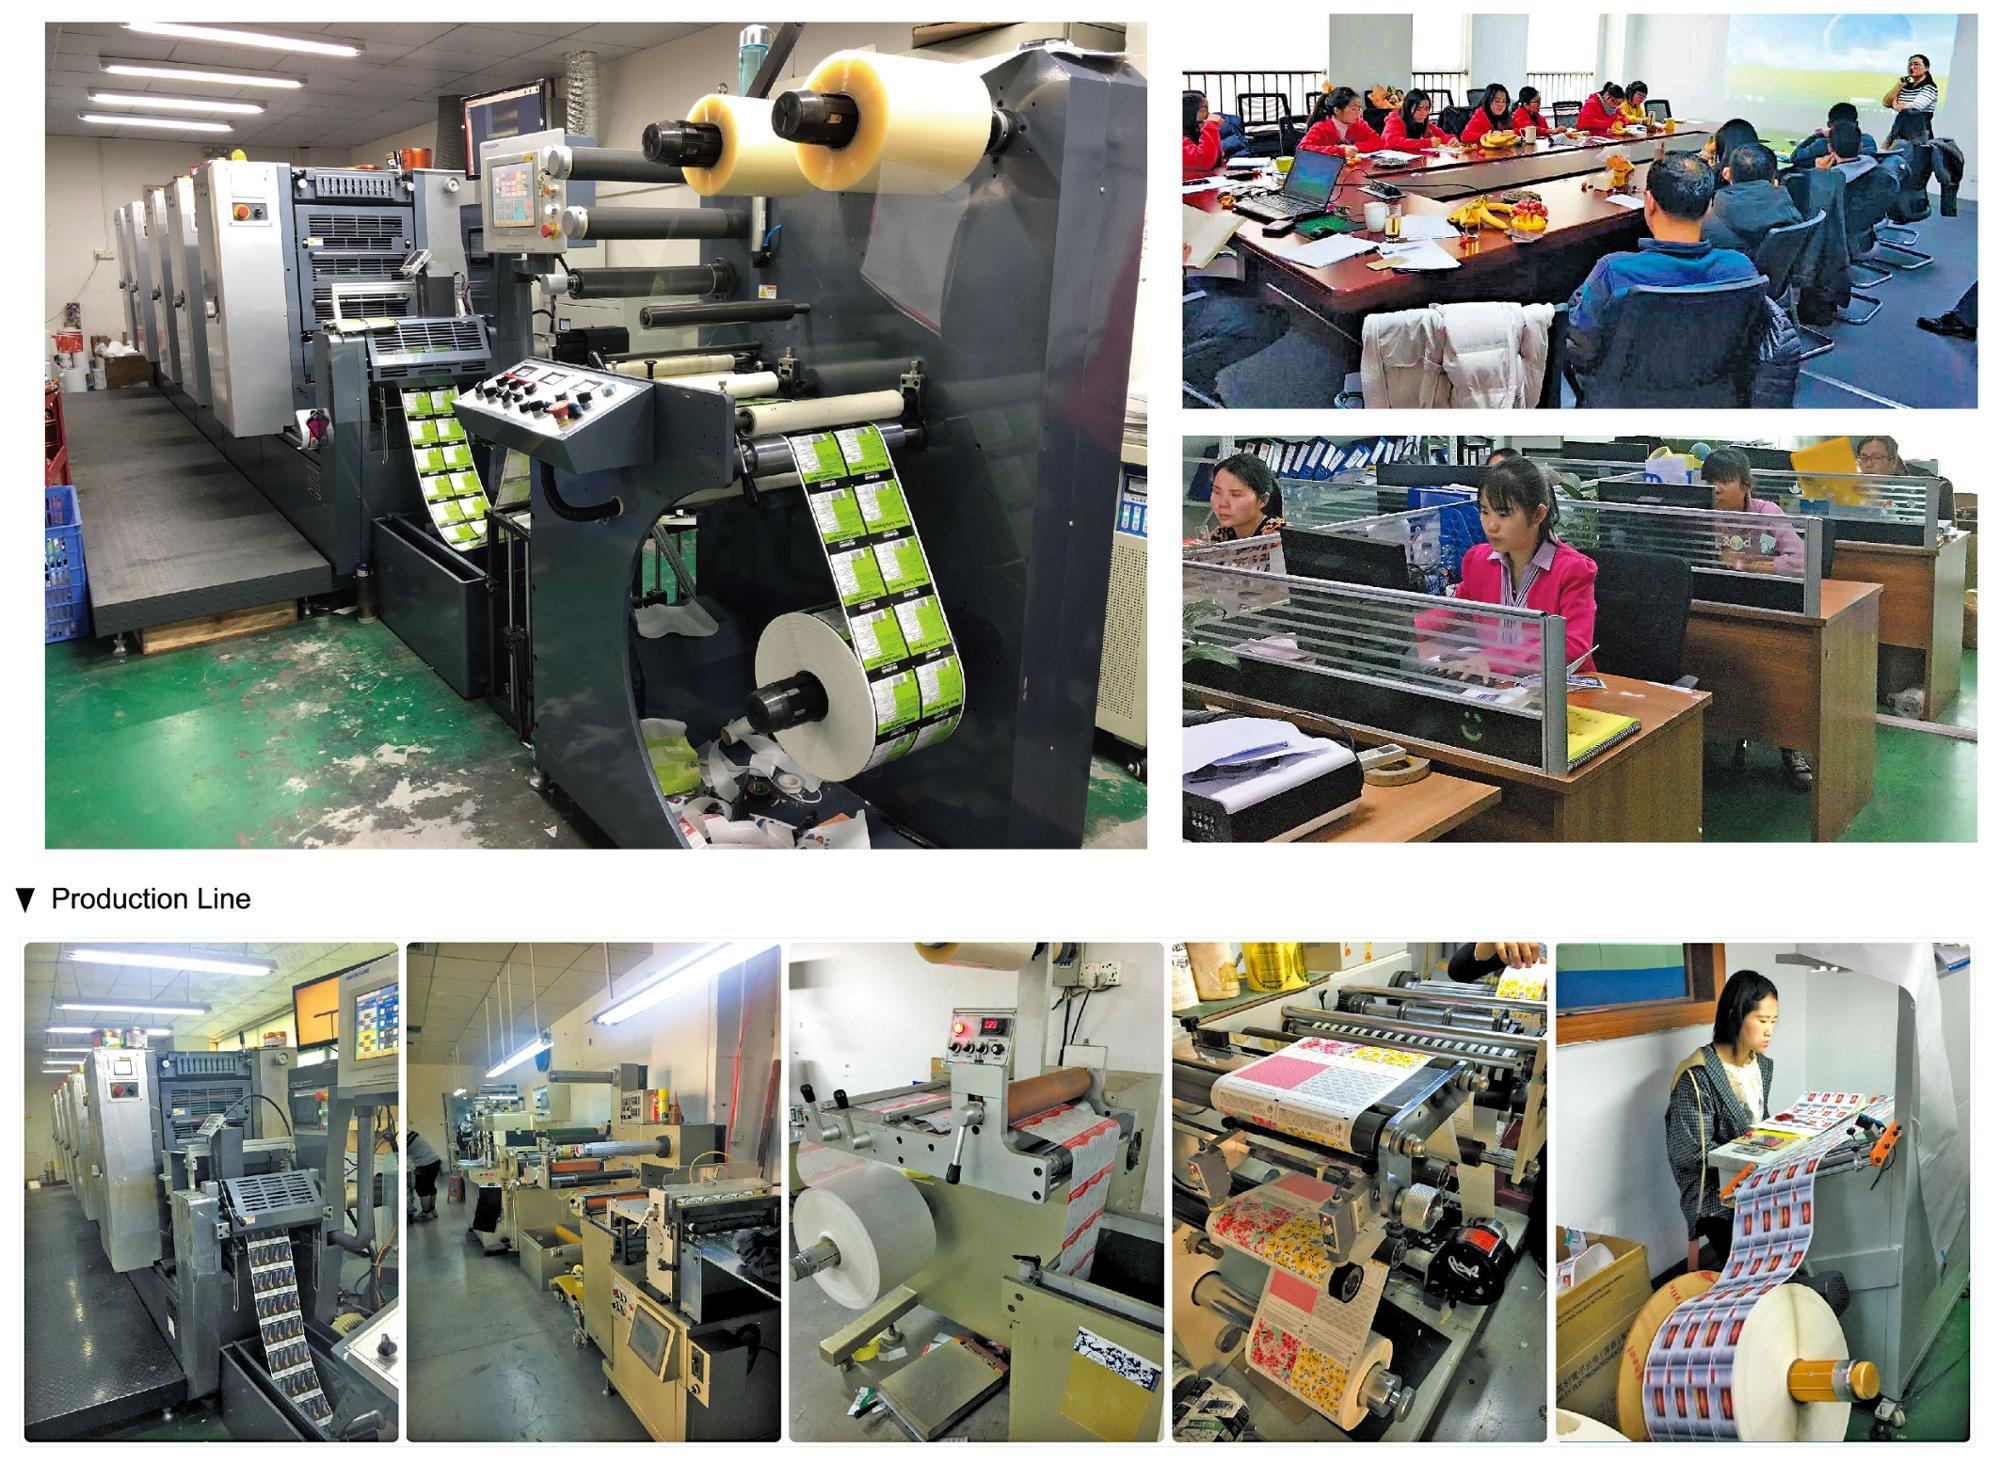 מוצרים באיכות גבוהה אריזת תוויות רול מותאם אישית הדפסת גלוס תוויות